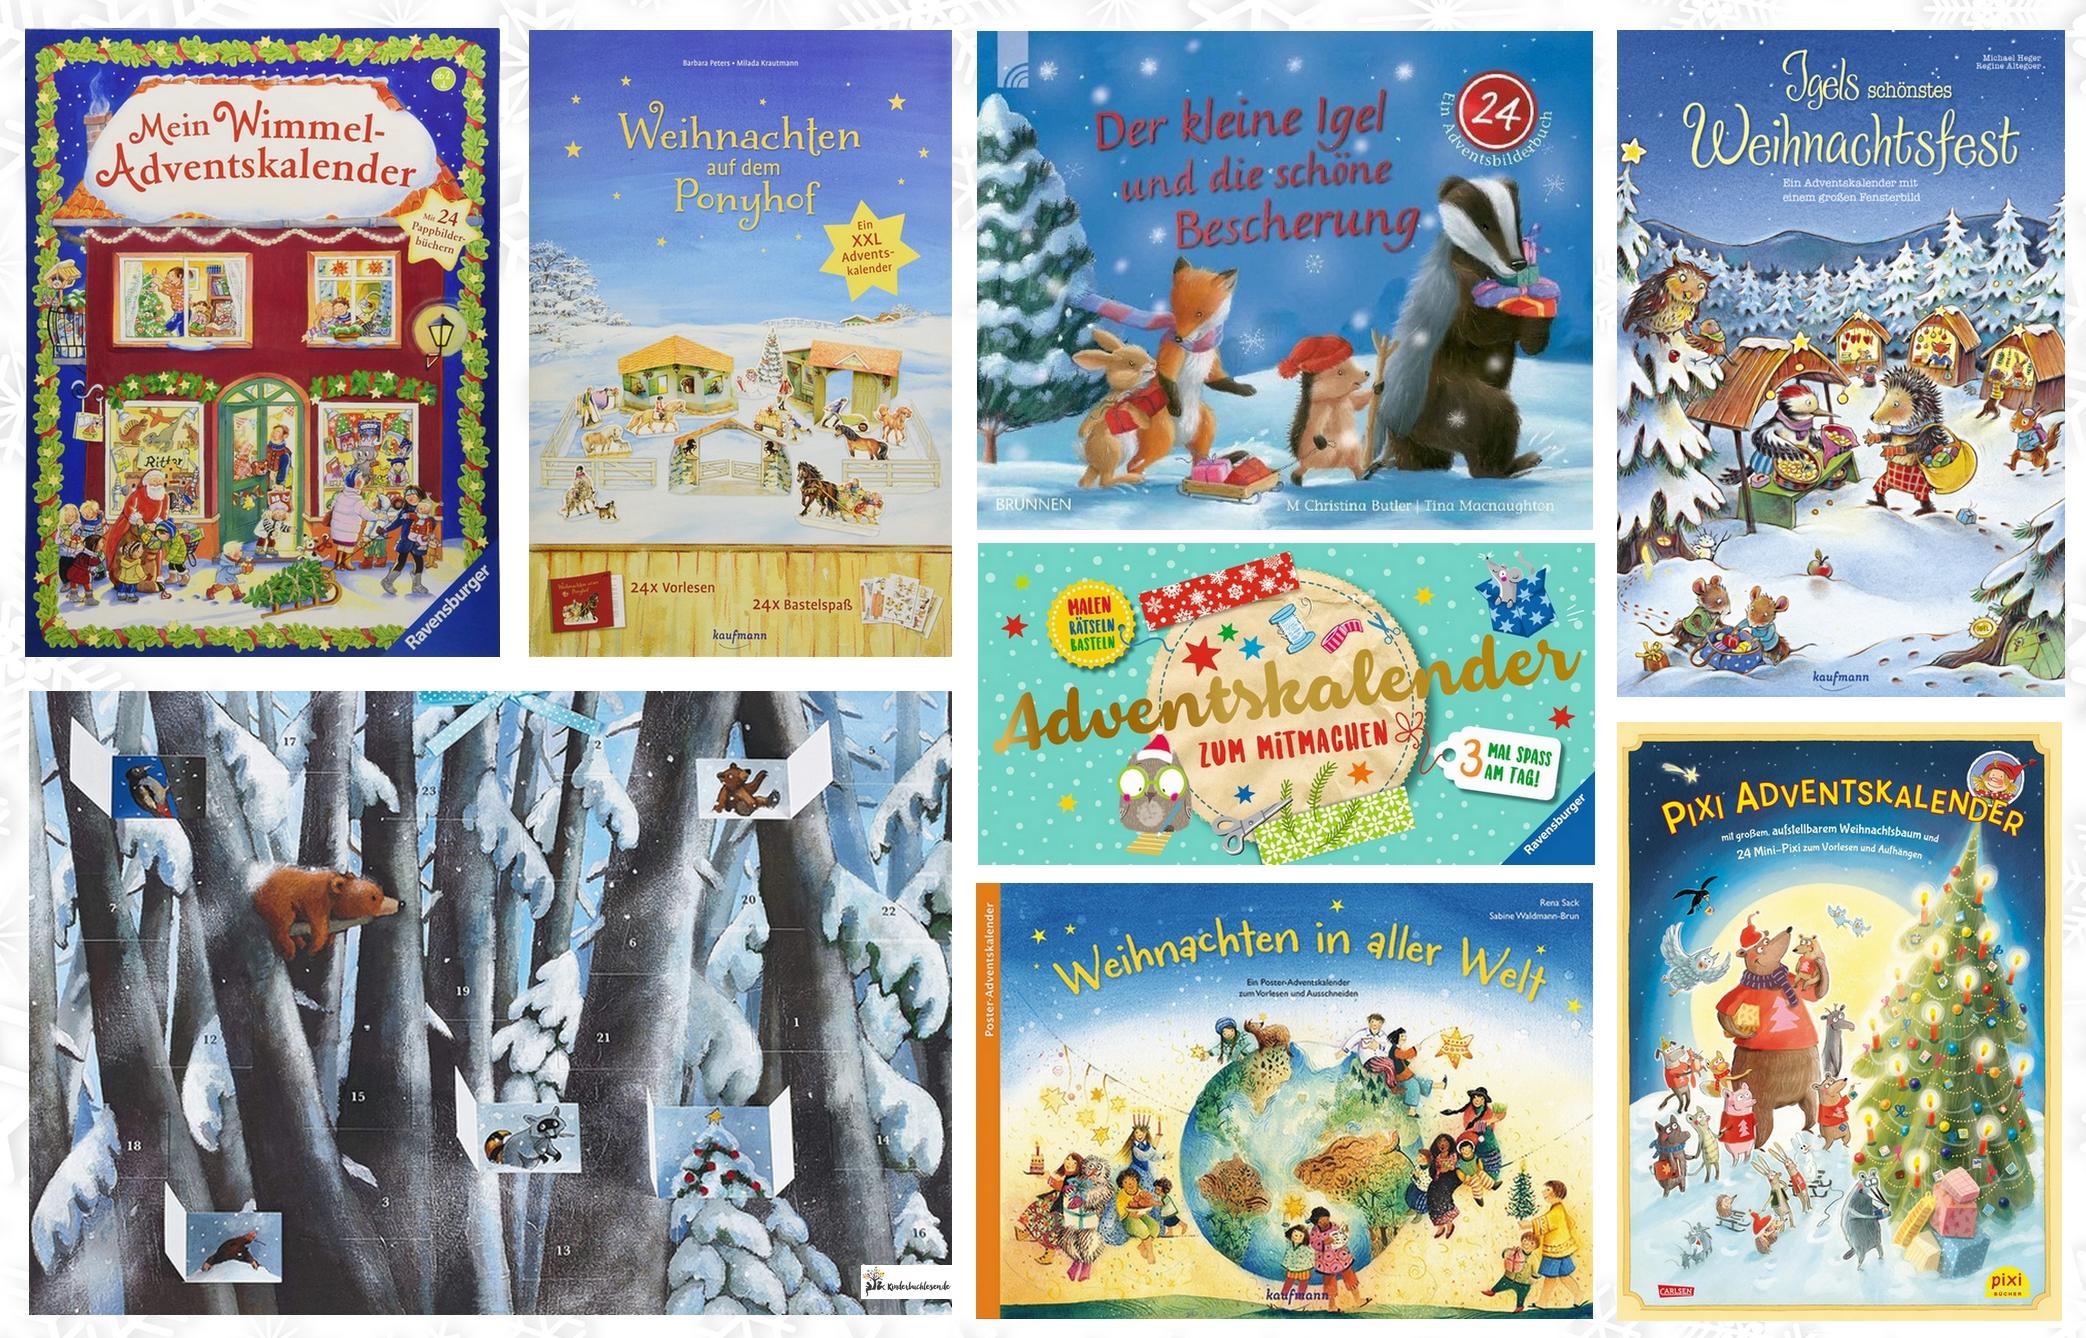 Adventskalender Mit 24 Mini Büchern Kinderbuchlesen De